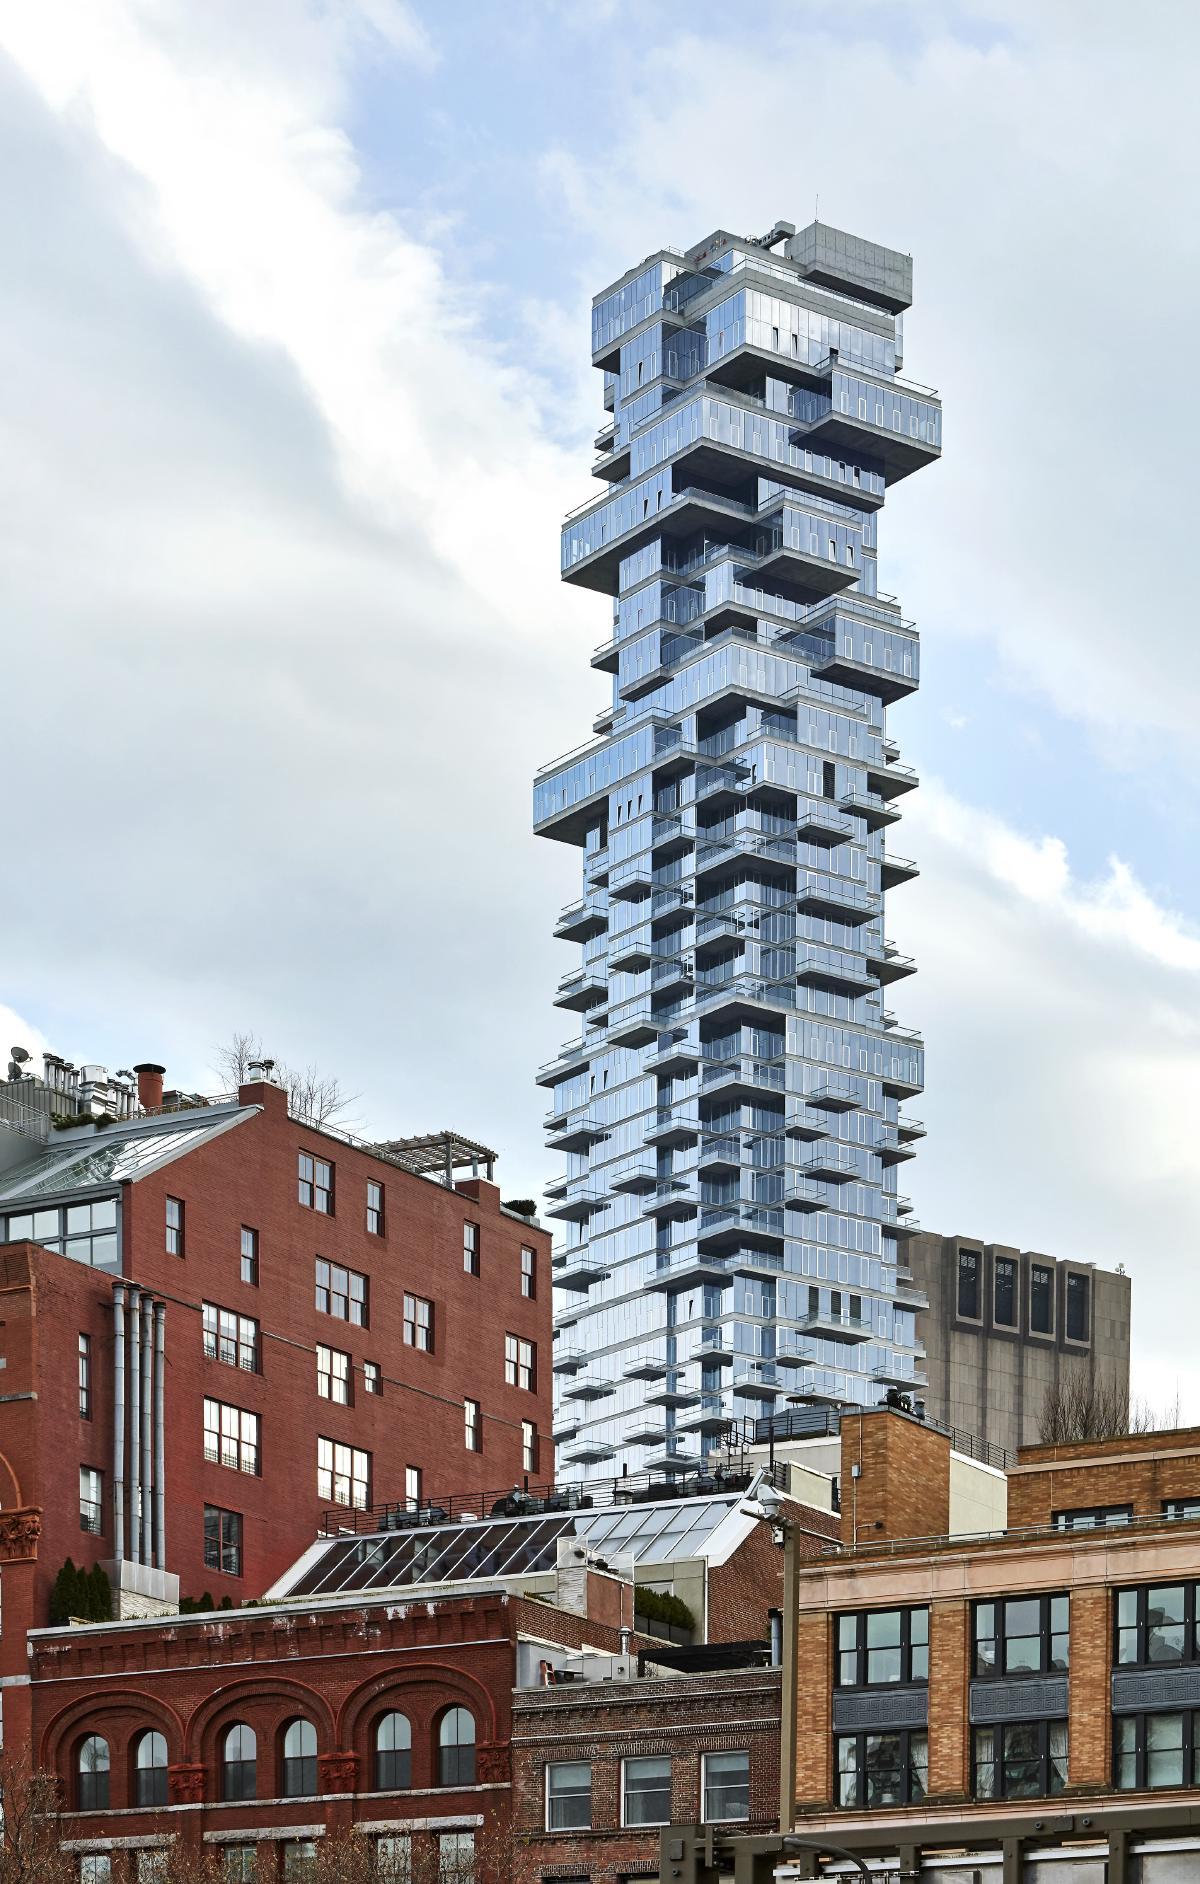 HERZOG  DE MEURON Hufton  Crow Fernando Alda  56 Leonard Street New York  Divisare